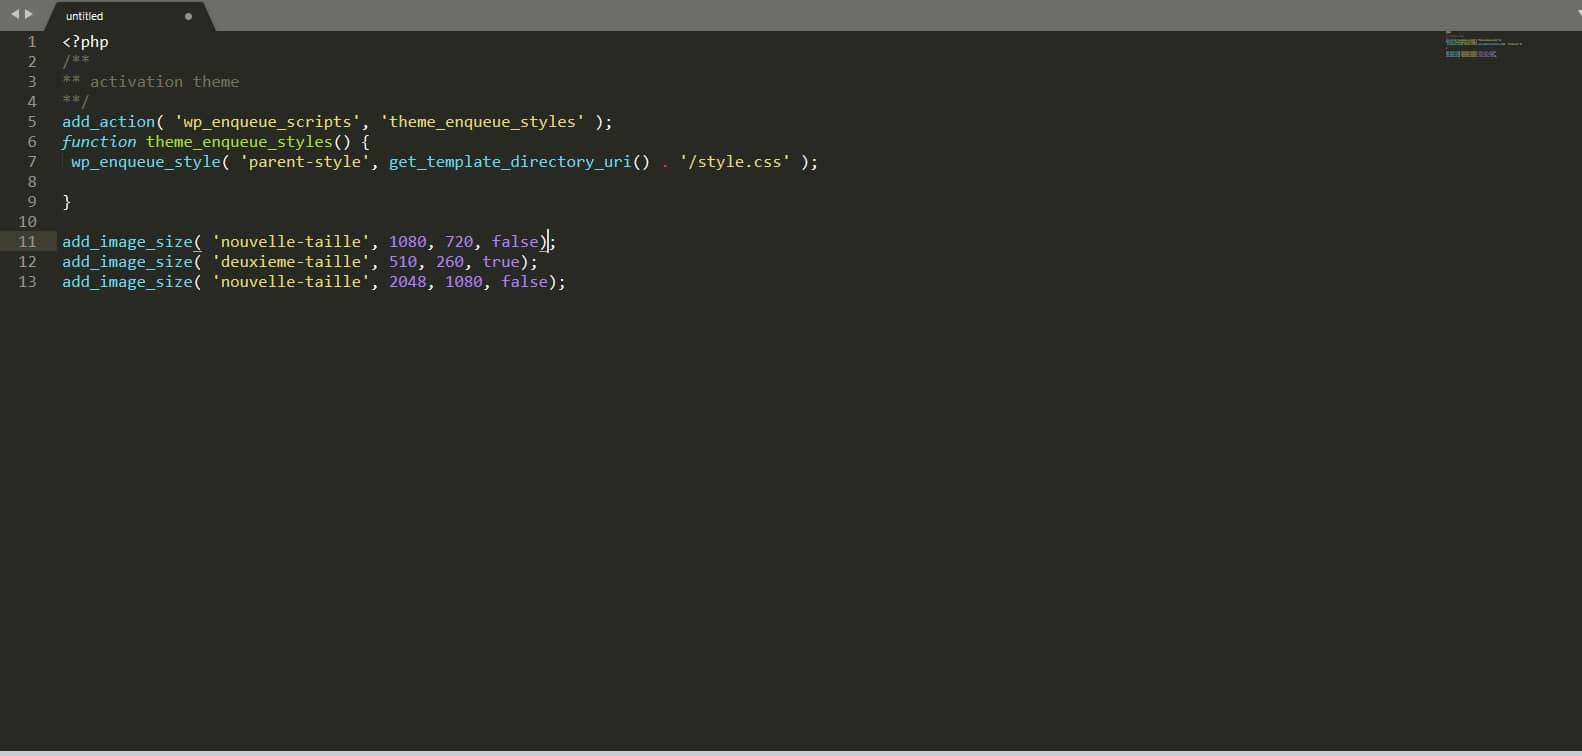 Générer des tailles d'images via le fichier functions.php